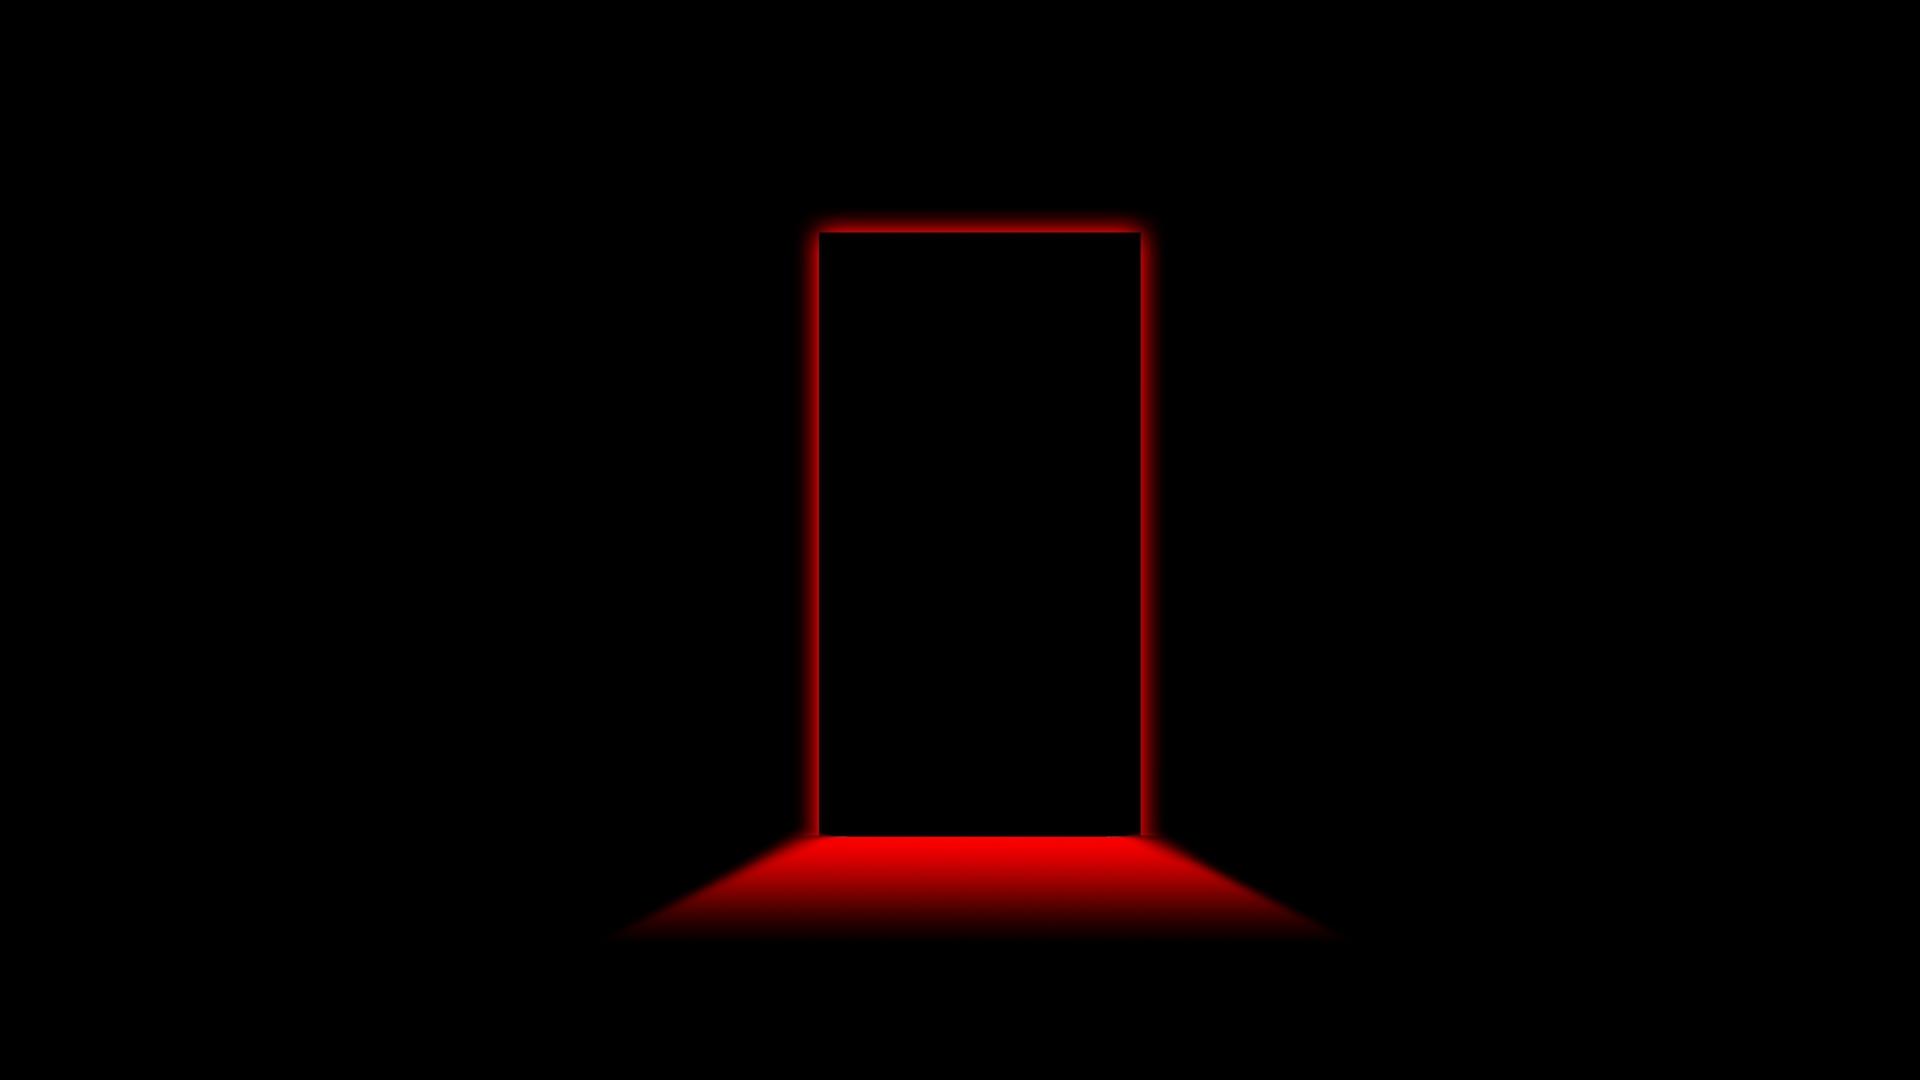 download wallpaper 1920x1080 door light shadow black